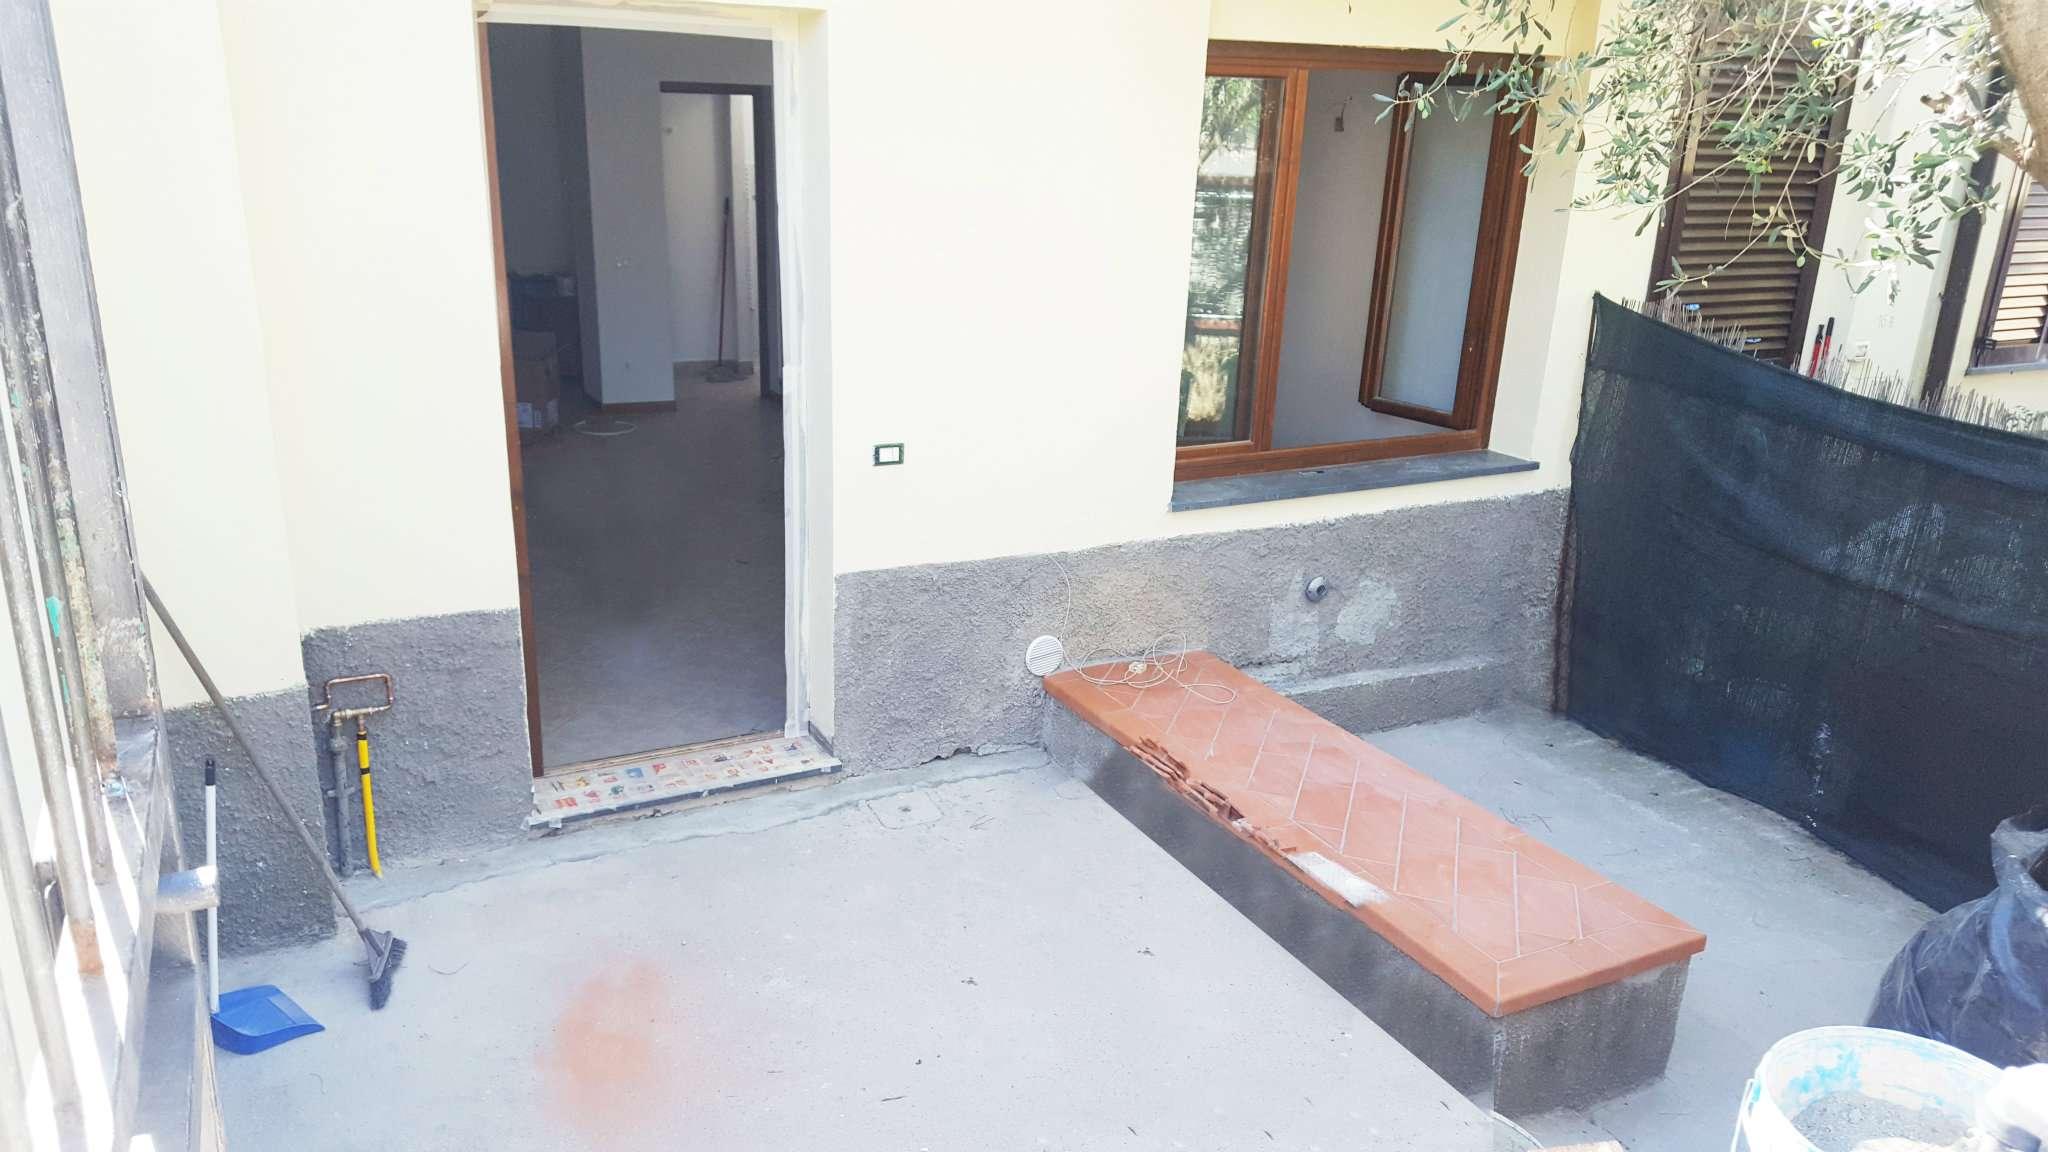 Palazzo / Stabile in affitto a Calenzano, 2 locali, prezzo € 690 | CambioCasa.it